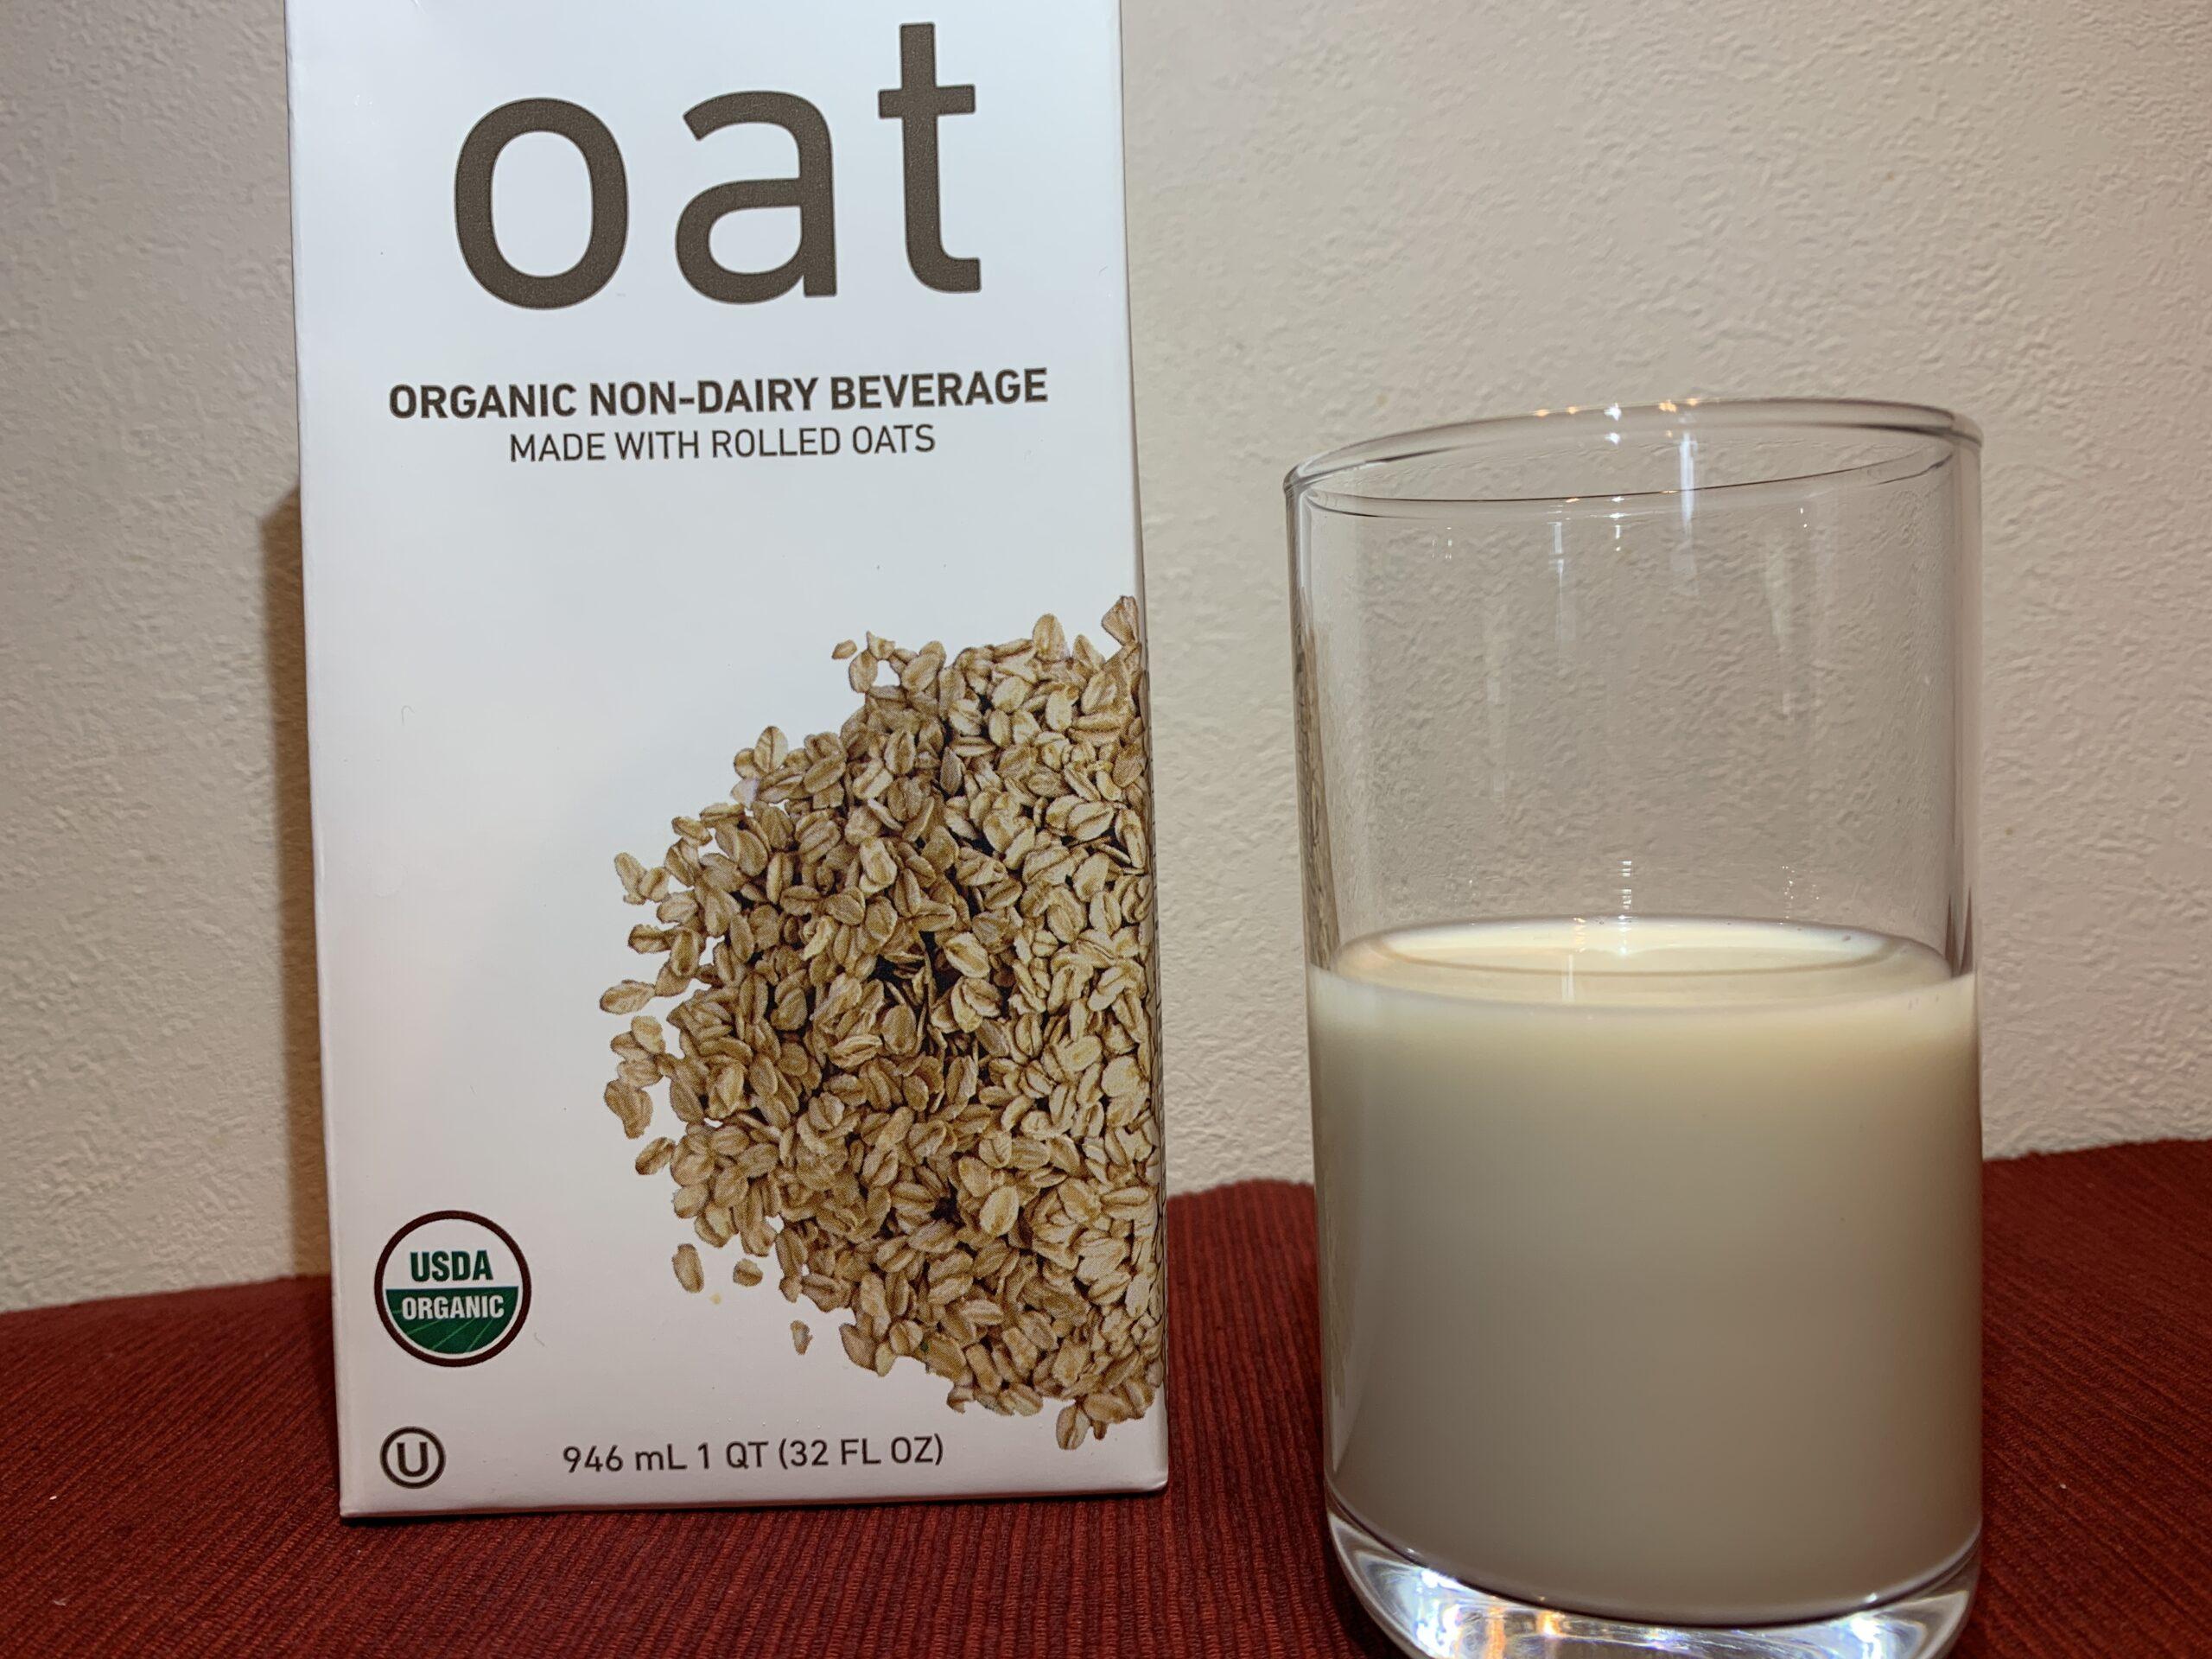 コストコのオーツミルク(有機オーツ飲料)の値段やカロリーは?